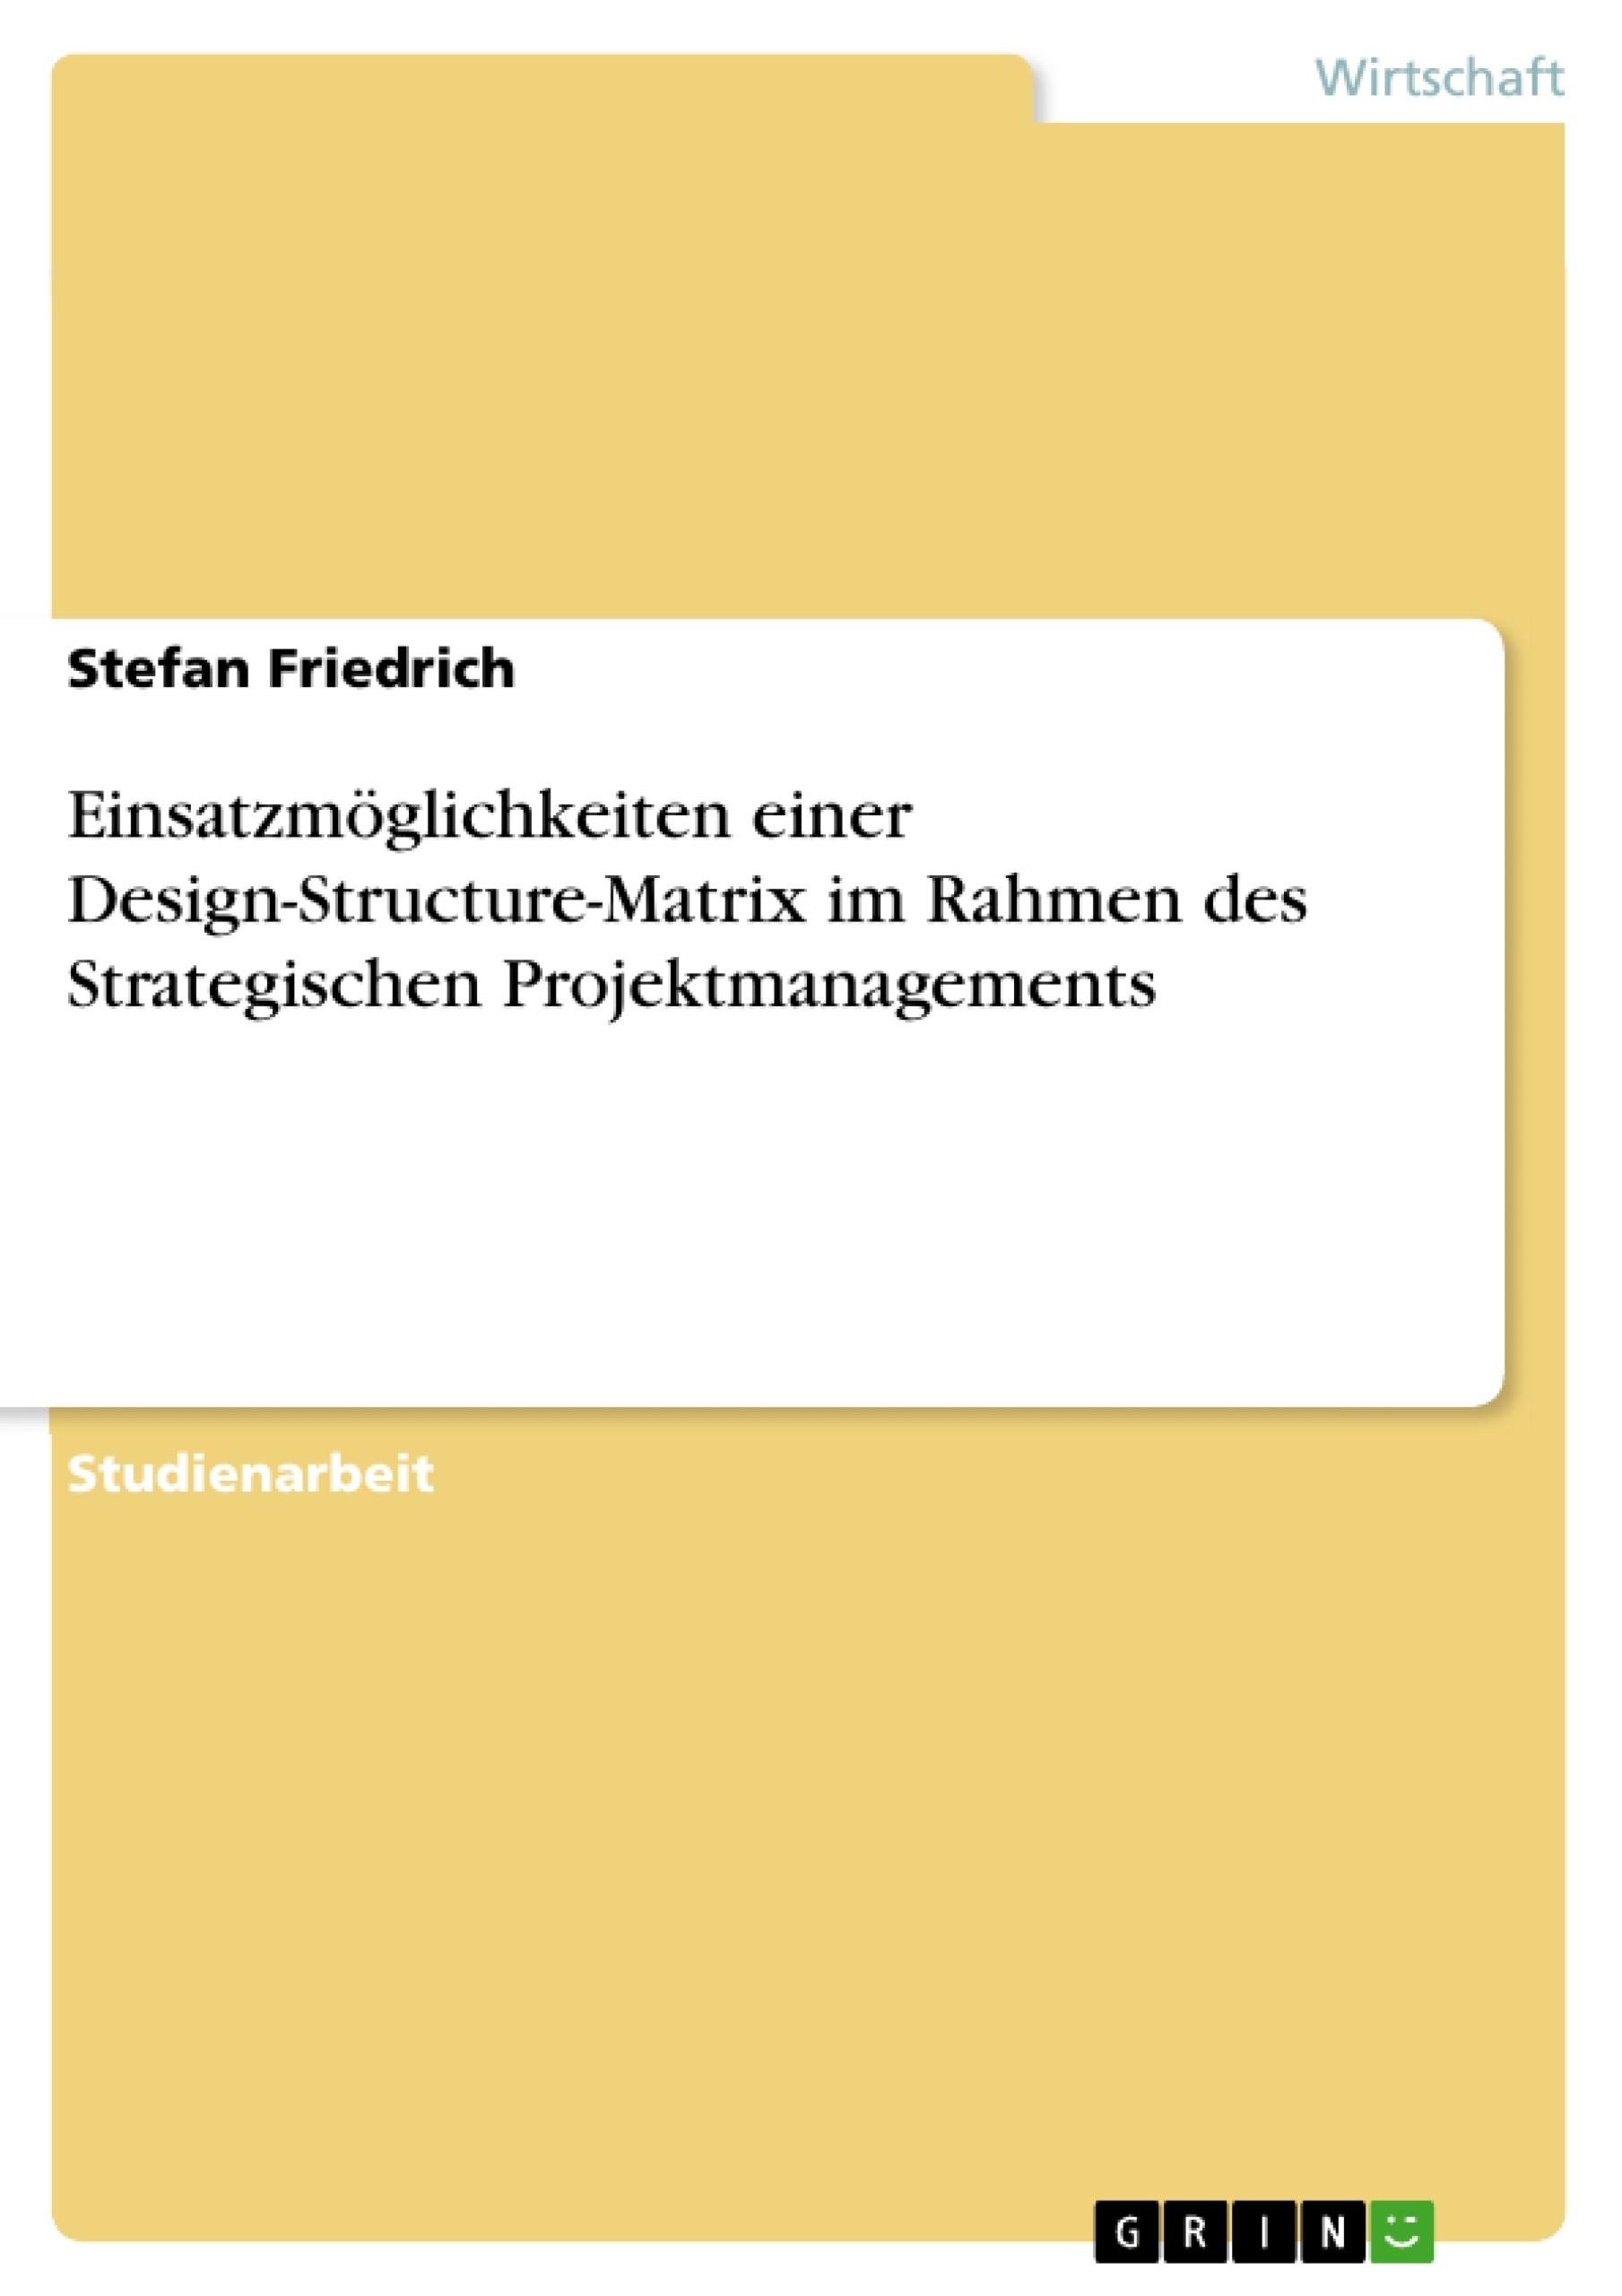 Titel: Einsatzmöglichkeiten einer Design-Structure-Matrix im Rahmen des Strategischen Projektmanagements